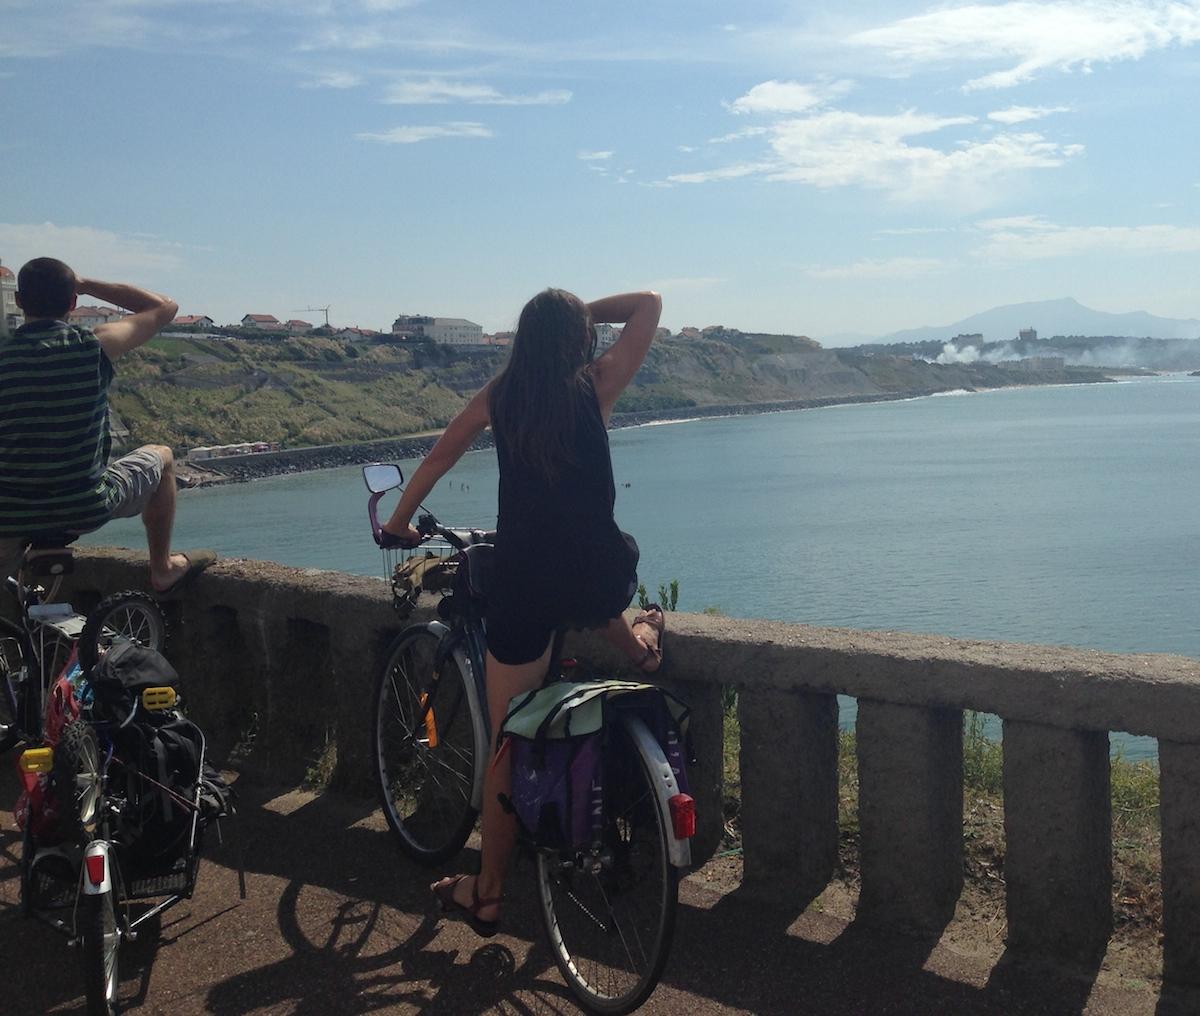 Cartes des pistes cyclables de la région Aquitaine